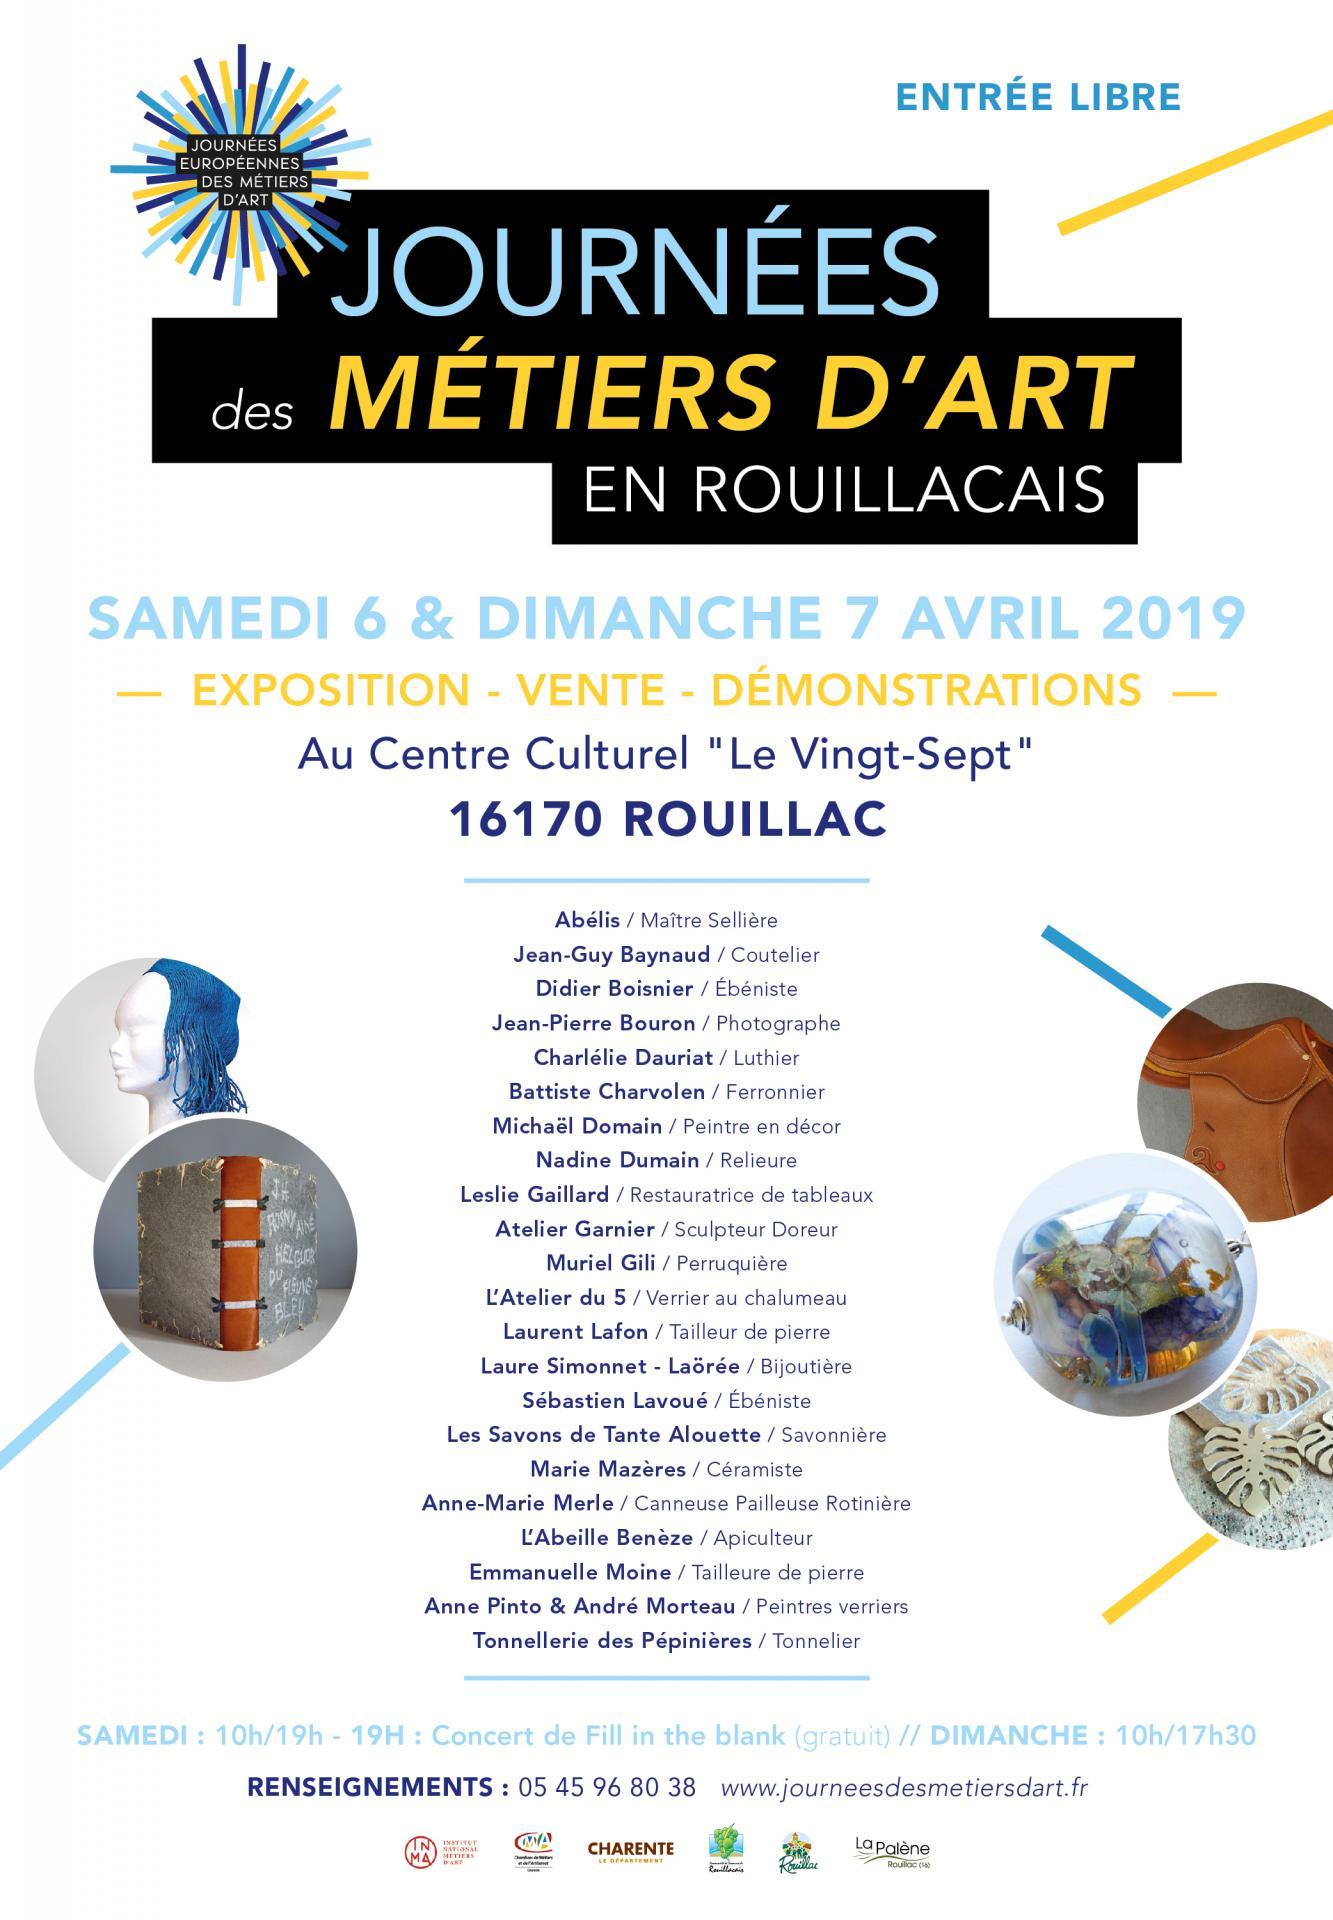 Journées des Métiers d'Art en Rouillacais 2019